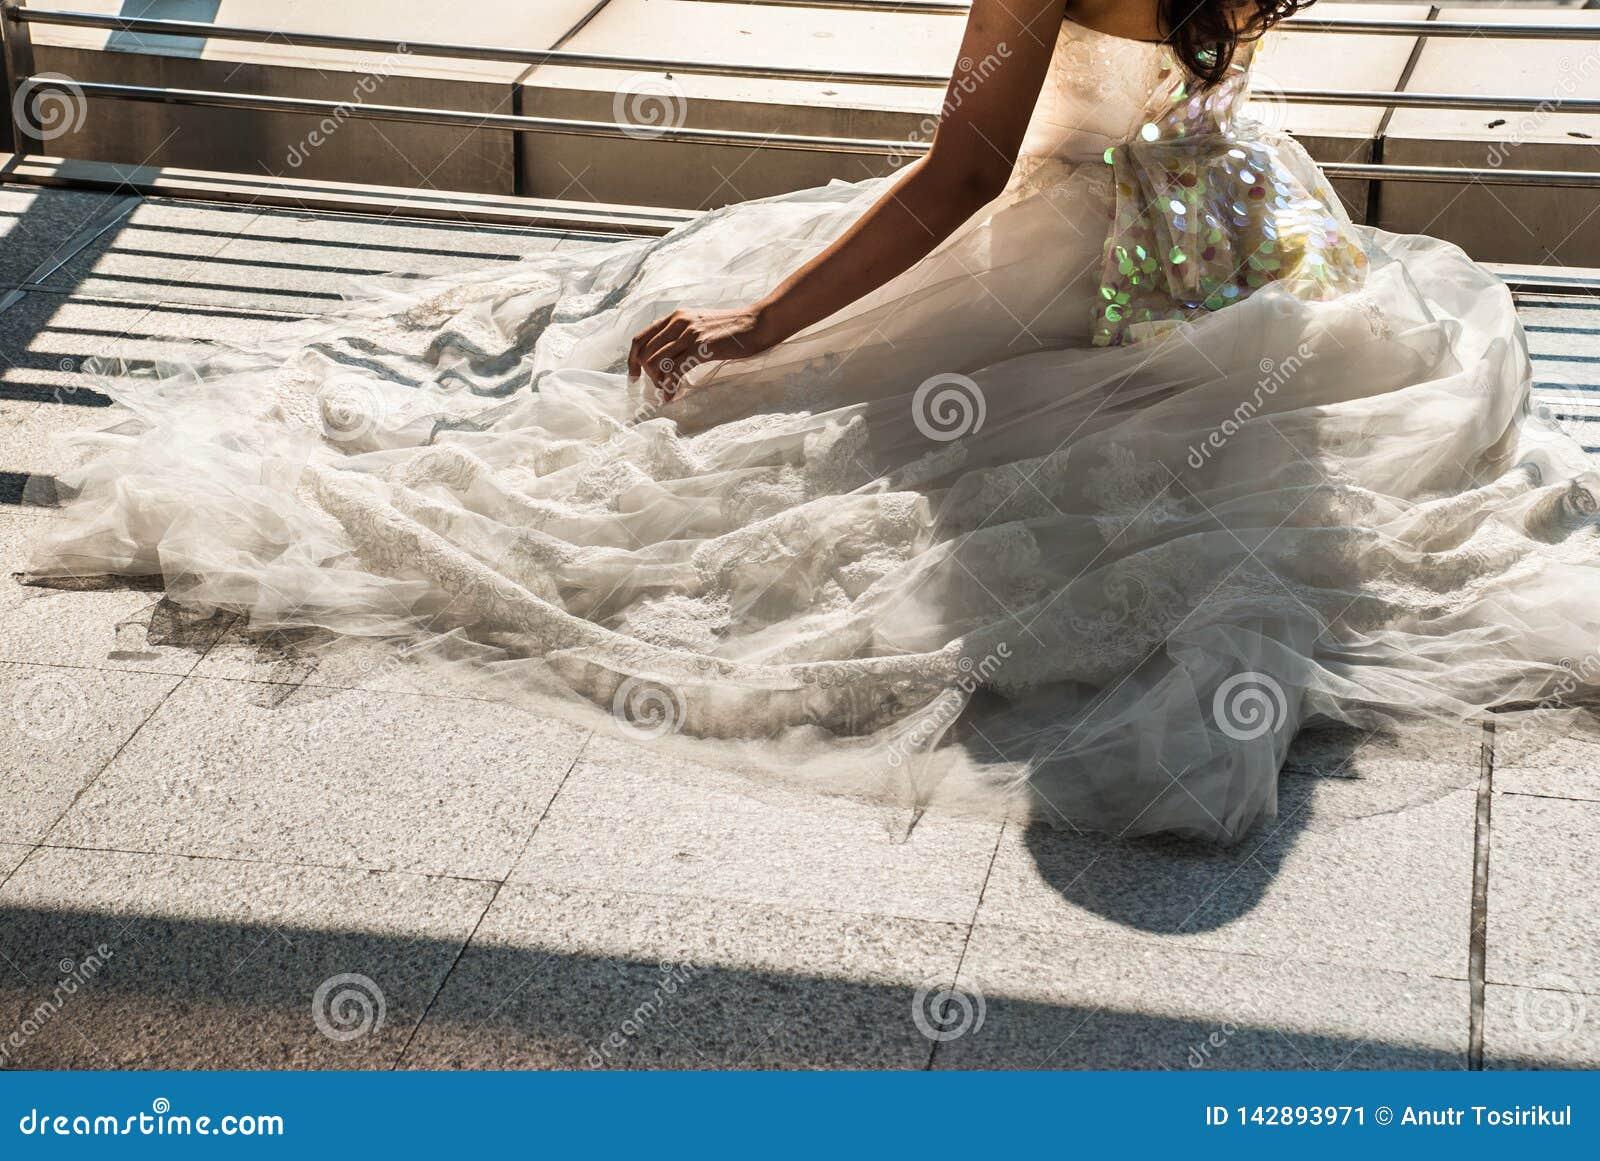 Nahaufnahme des Brautrockes von Weiß